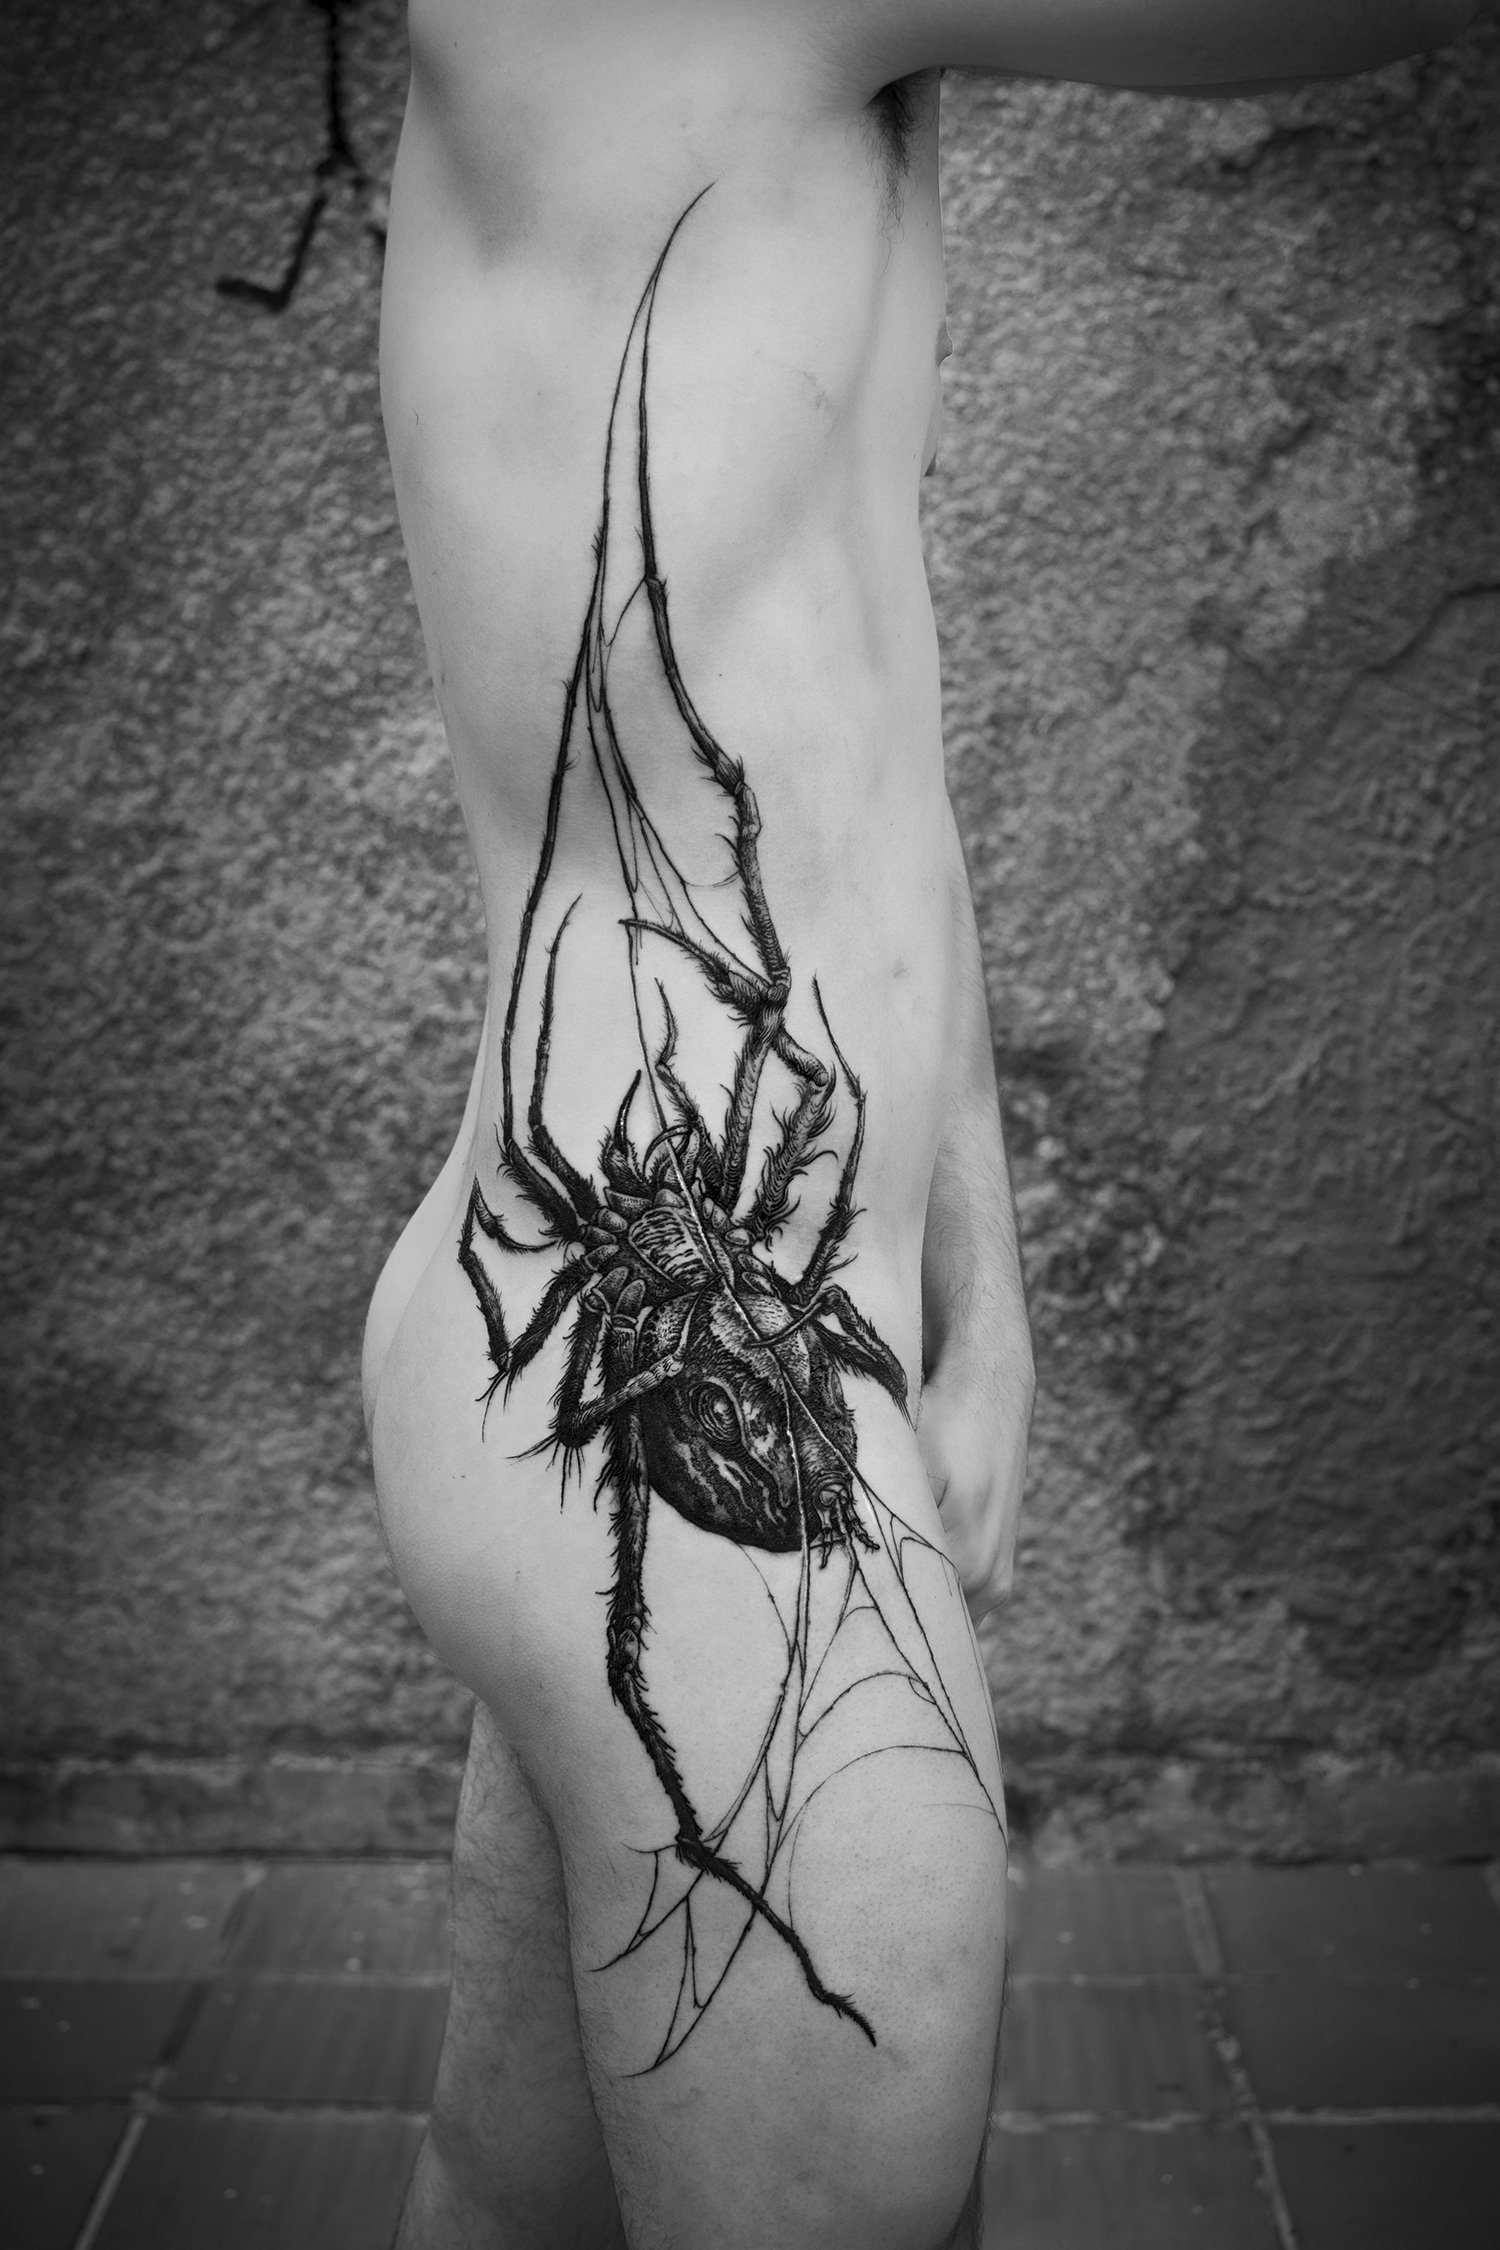 hình xăm con nhện trên cơ thể, bởi federico rabelo, yearegods